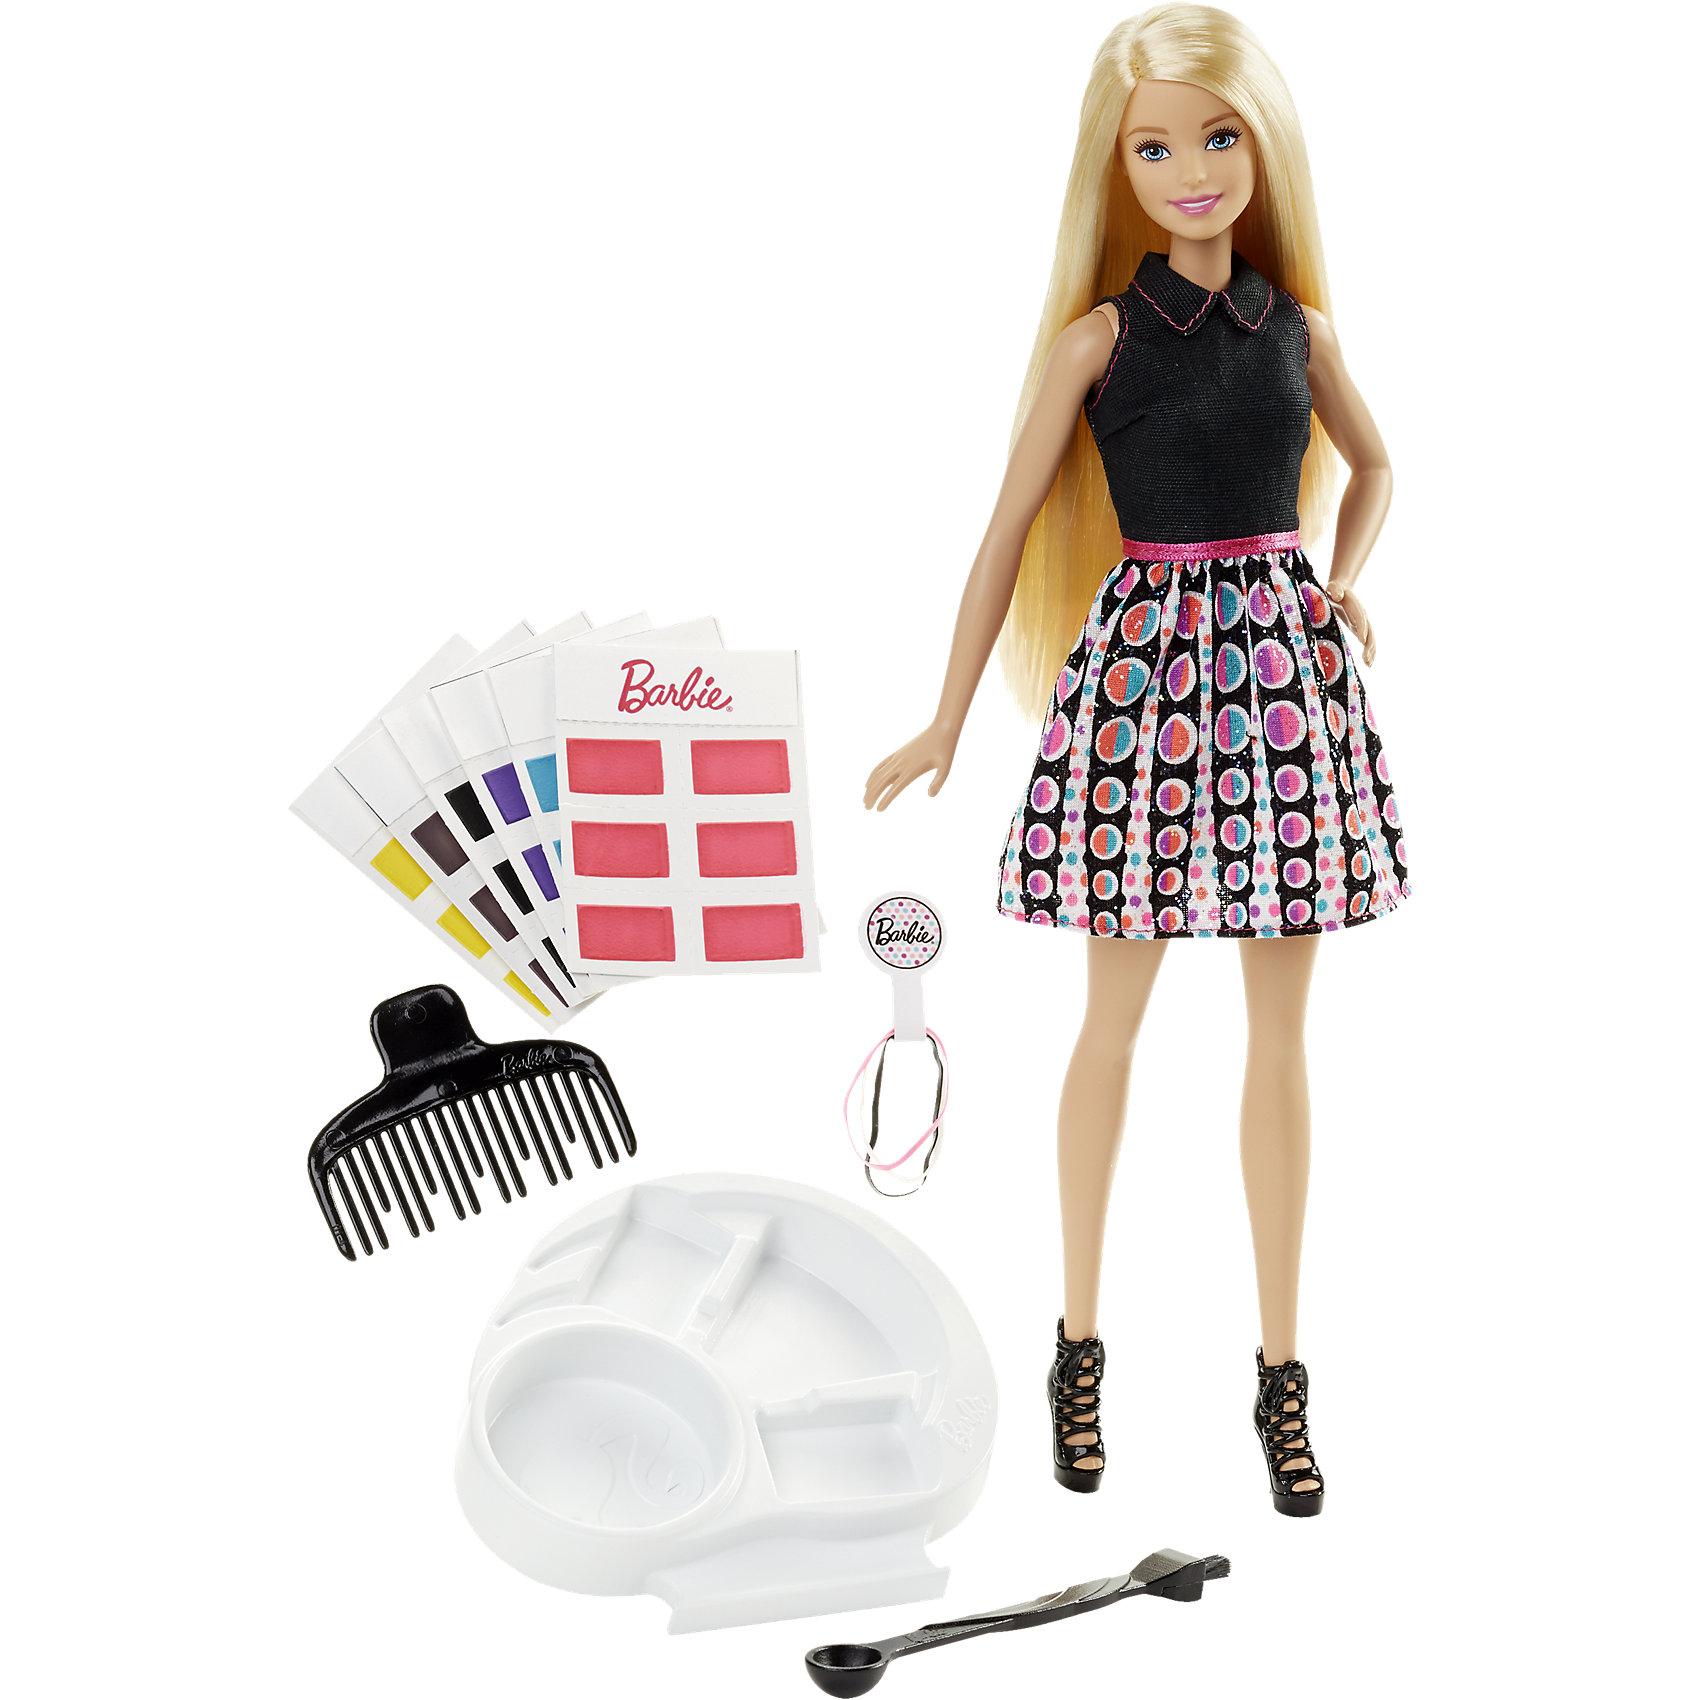 Кукла Игра с цветом, BarbieПочувствуй себя настоящим модным стилистом! Крась волосы любимой куклы в разные цвета! Экспериментирую с образами и оттенками. В наборе есть 36 карточек с красками различных цветов, налей воды специальной ложечкой, размешай краски кисточкой (на другом конце ложечки) и этой же кисточкой нанеси на волосы Барби. Чтобы поменять цвет, просто смой краску водой и расчеши волосы! Смешивай краски и получай свои невероятные оттенки; с помощью резинок для волос создавай различные прически.   <br><br>Дополнительная информация:<br><br>- Материал: пластик, текстиль.<br>- Размер куклы: 29 см.<br>- Комплектация: кукла Барби (черная майка, юбка с принтом, розовый пояс, черные туфли), 36 карточек с краской, палитра, ложка-кисточка, расческа и три резинки.<br>- Голова, руки, ноги куклы подвижные.<br><br>Куклу Игра с цветом, Barbie (Барби), можно купить в нашем магазине.<br><br>Ширина мм: 324<br>Глубина мм: 241<br>Высота мм: 53<br>Вес г: 317<br>Возраст от месяцев: 60<br>Возраст до месяцев: 96<br>Пол: Женский<br>Возраст: Детский<br>SKU: 4349908